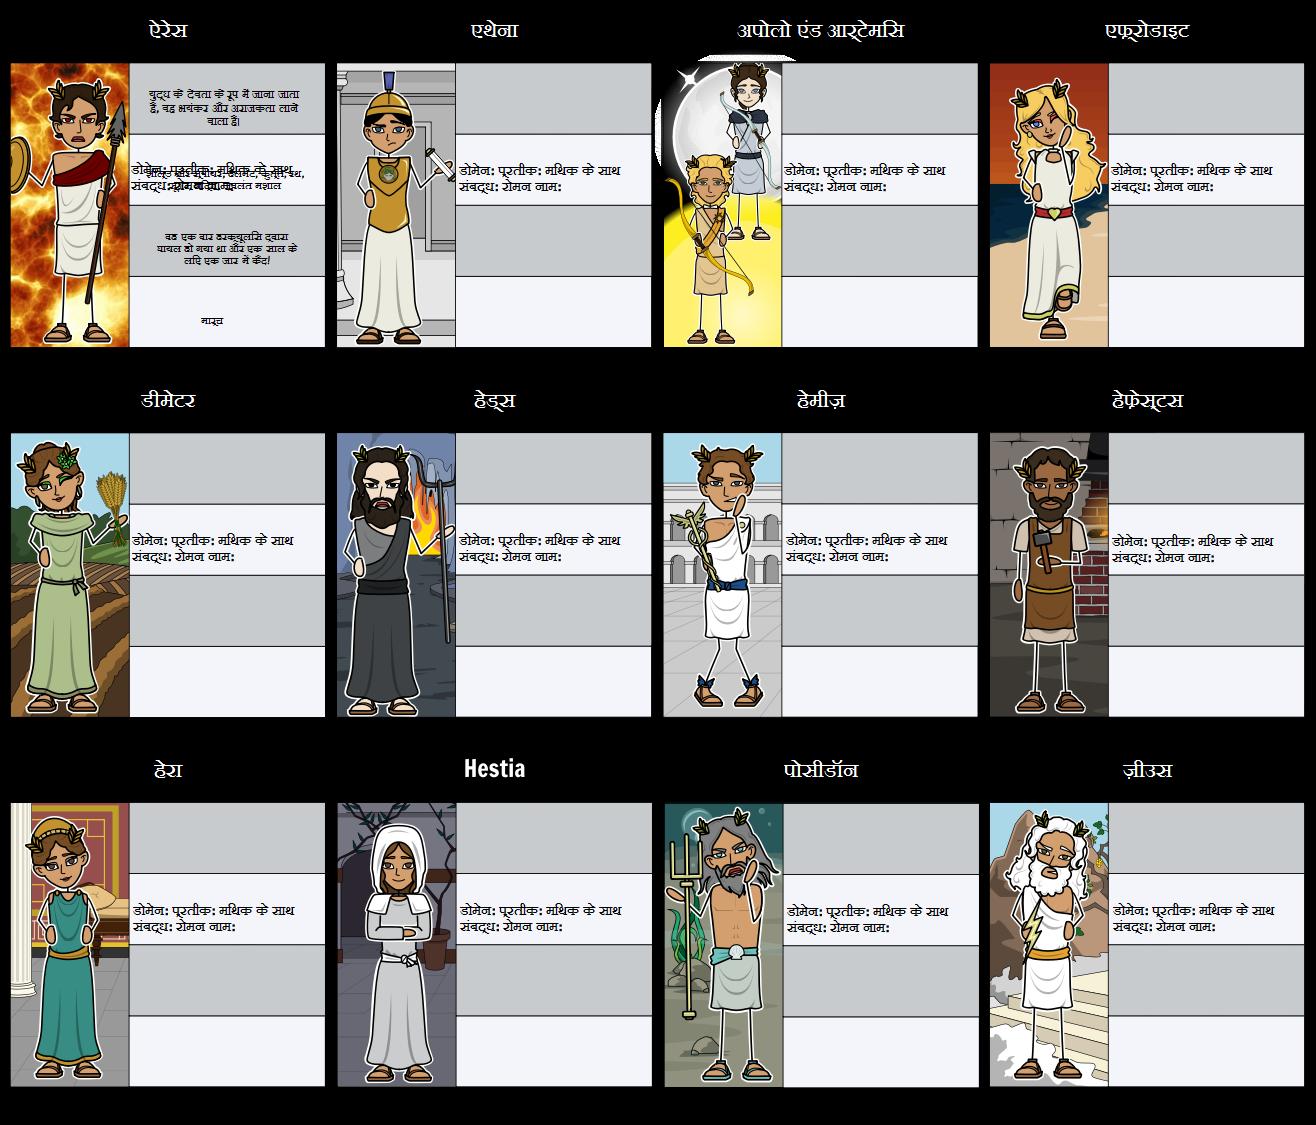 ग्रीक पौराणिक कथाओं - वर्ण मैप